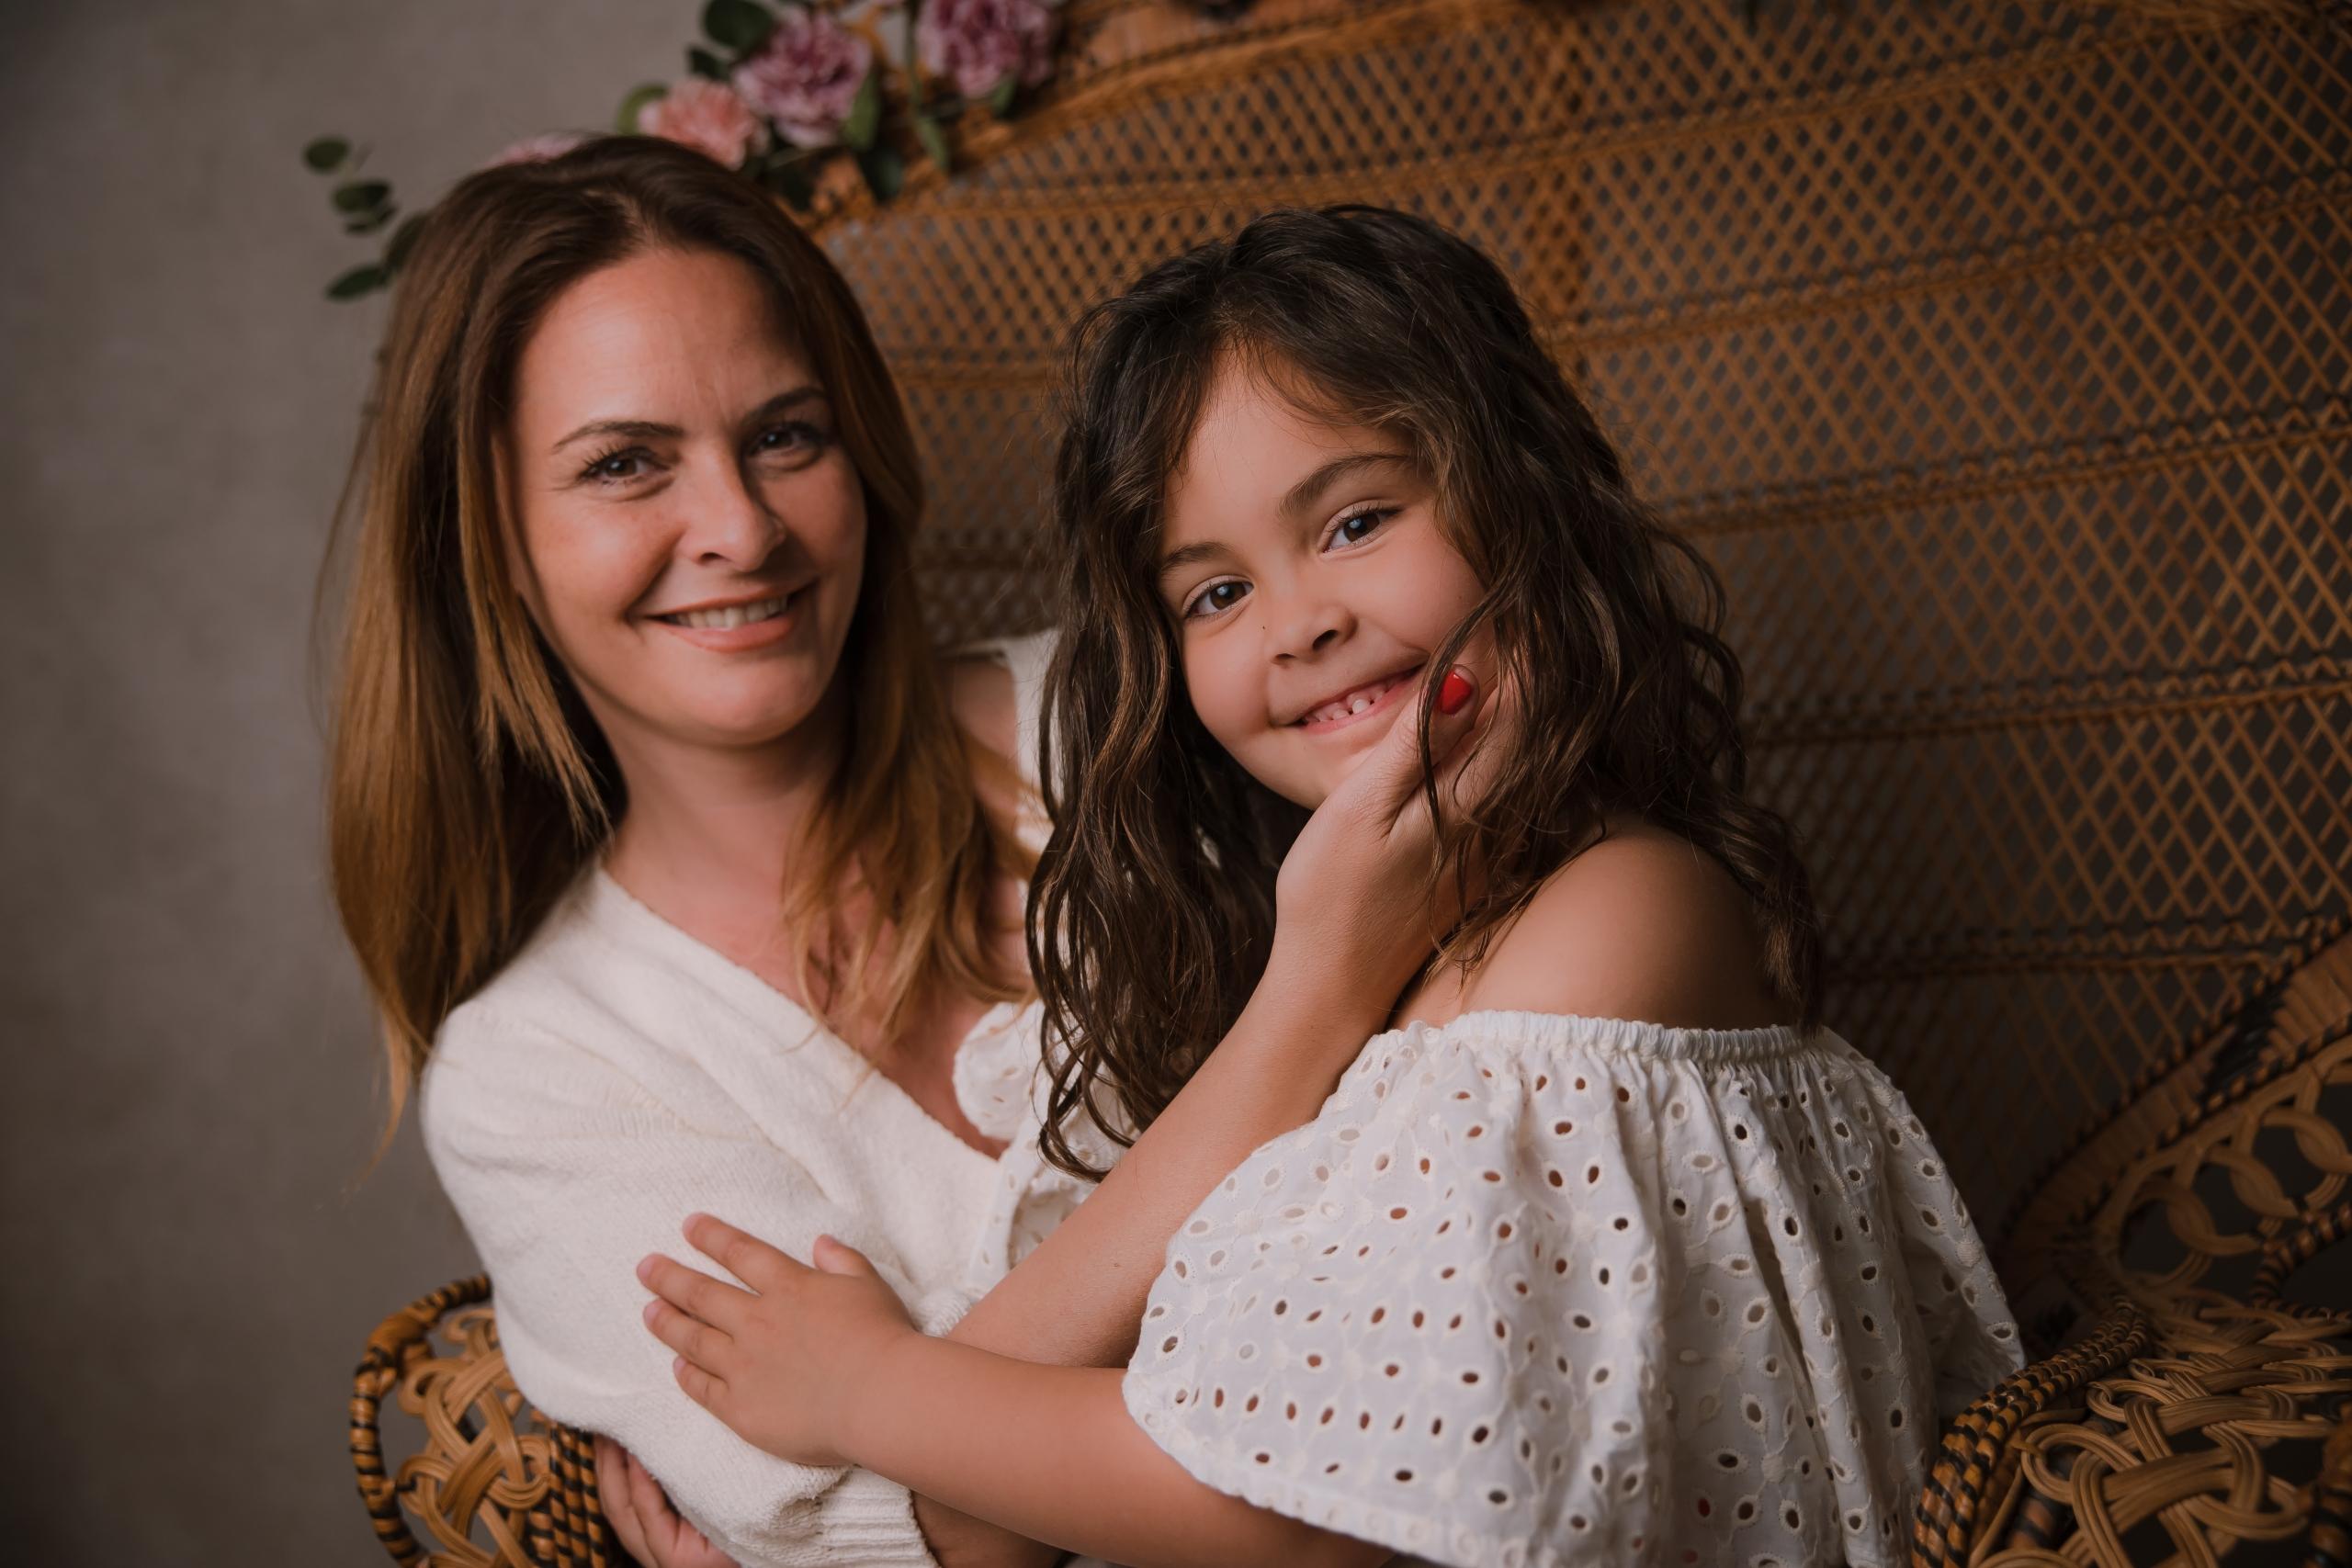 reportaje de fotos día de la madre